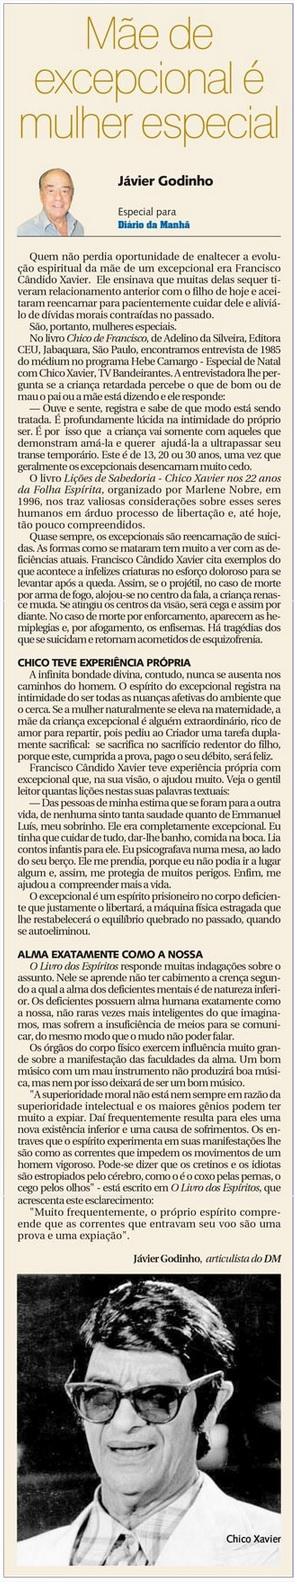 DM 25-03-2015 - Mãe de excepcional é mulher especial - Jávier Godinho